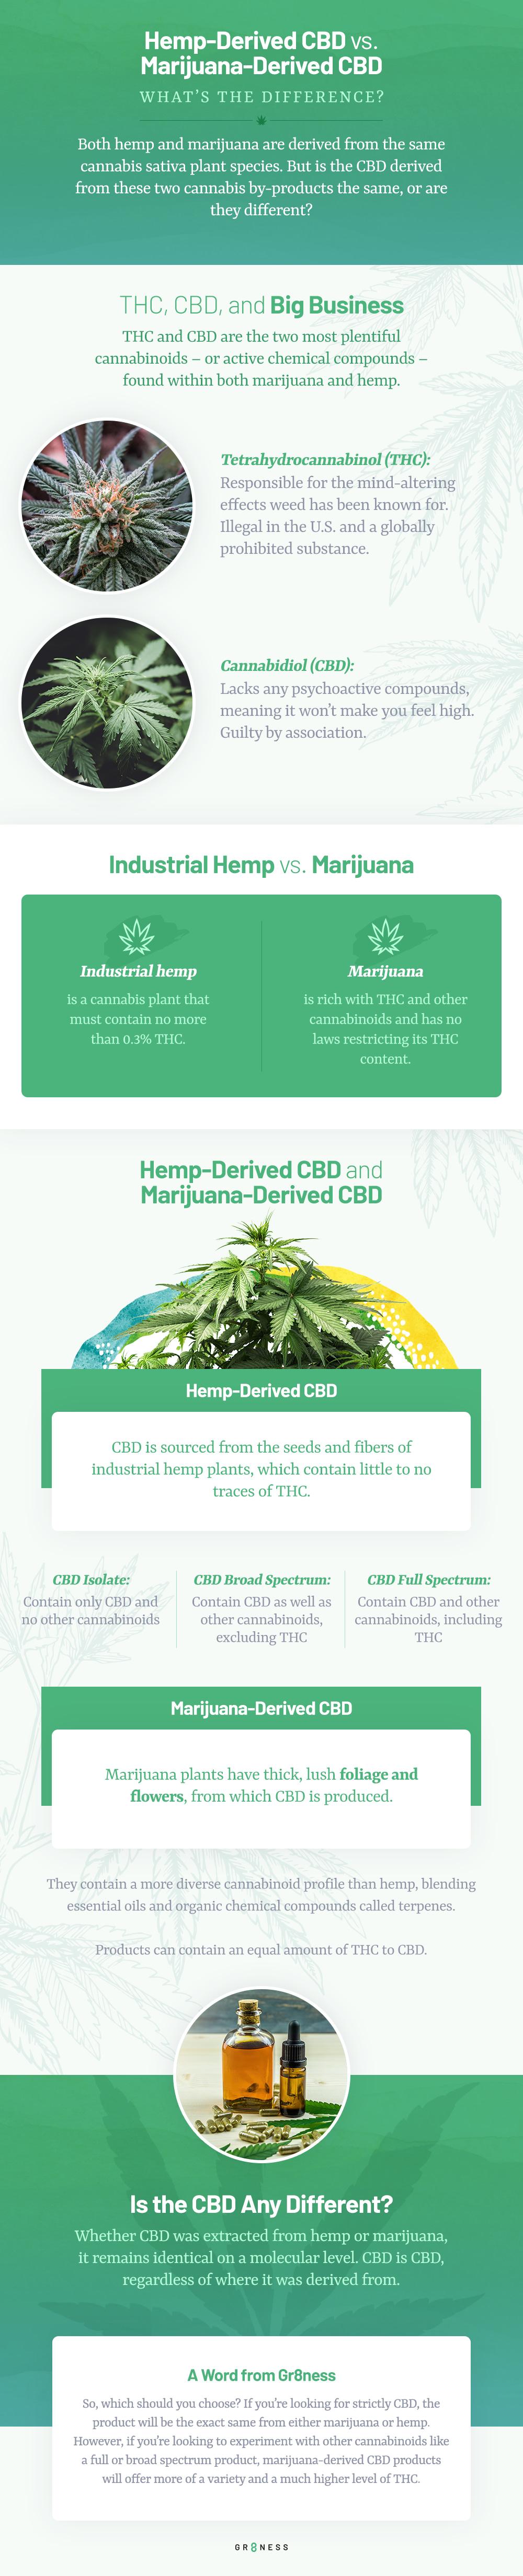 Chart describing the difference between hemp-derived CBD and marijuana-derived CBD